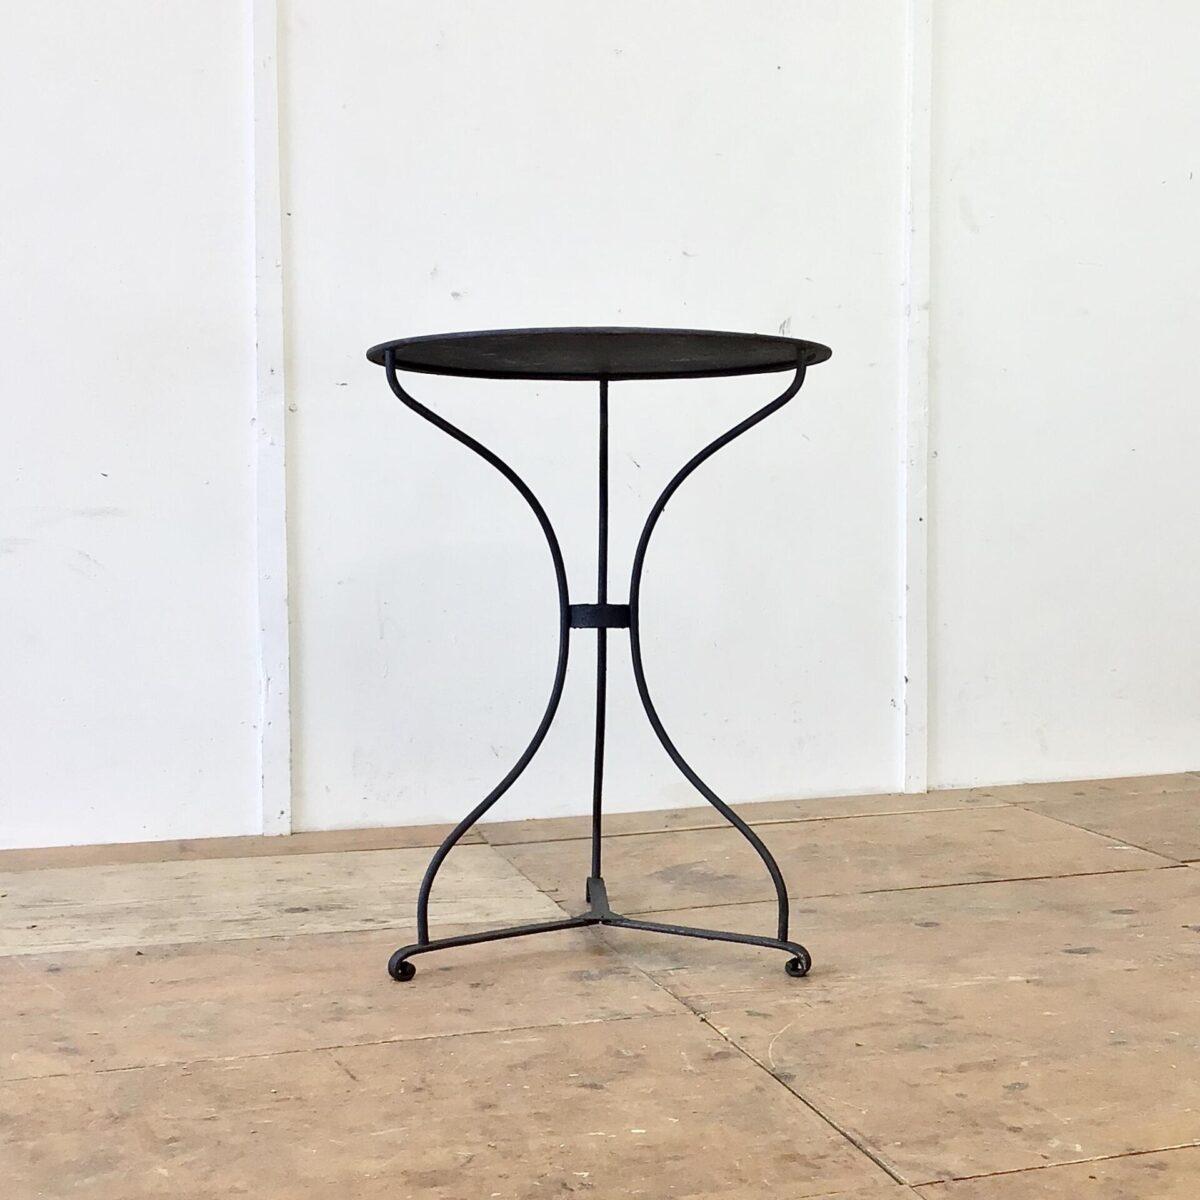 Deuxieme.shop vintage Gartentisch. Antiker Jugendstil Gartentisch Durchmesser 60cm Höhe 76.5cm. Leicht unebene Tischoberfläche mit Blumentopf Rändern. Anthrazit farbig in gesundem Zustand, keine Durchrostung.